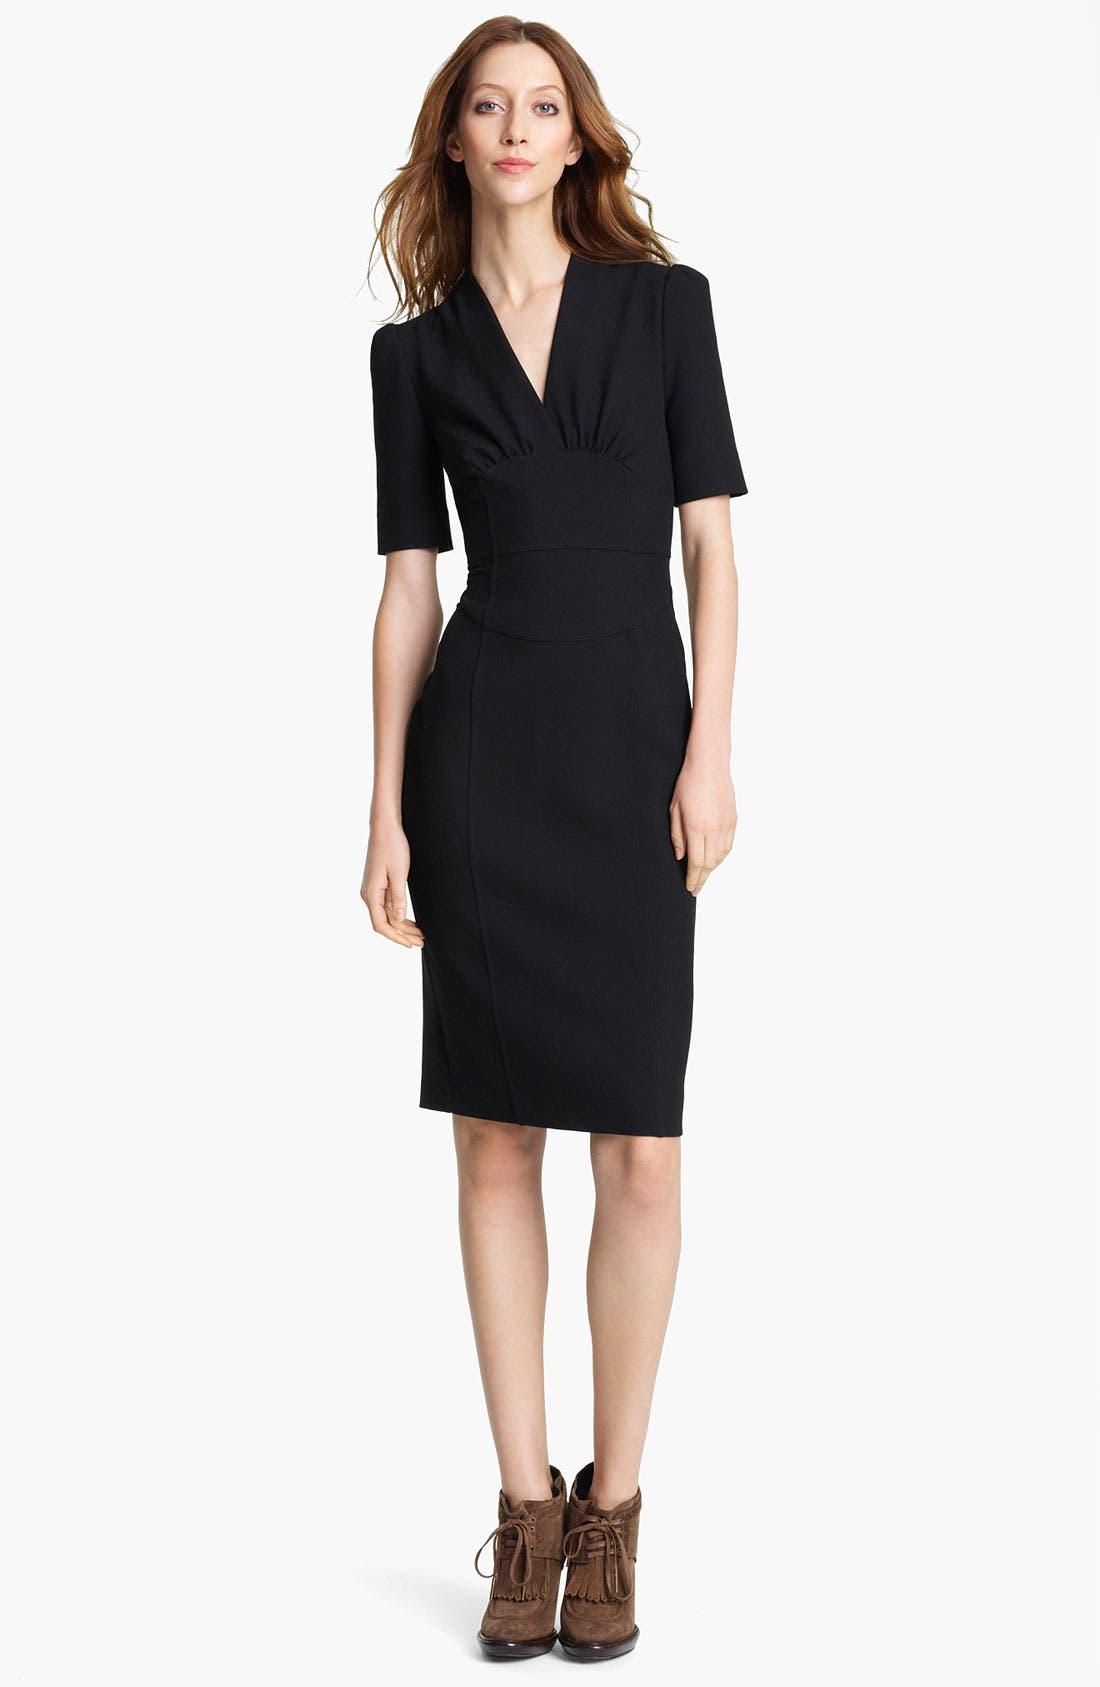 Alternate Image 1 Selected - Burberry London V-Neck Woven Dress